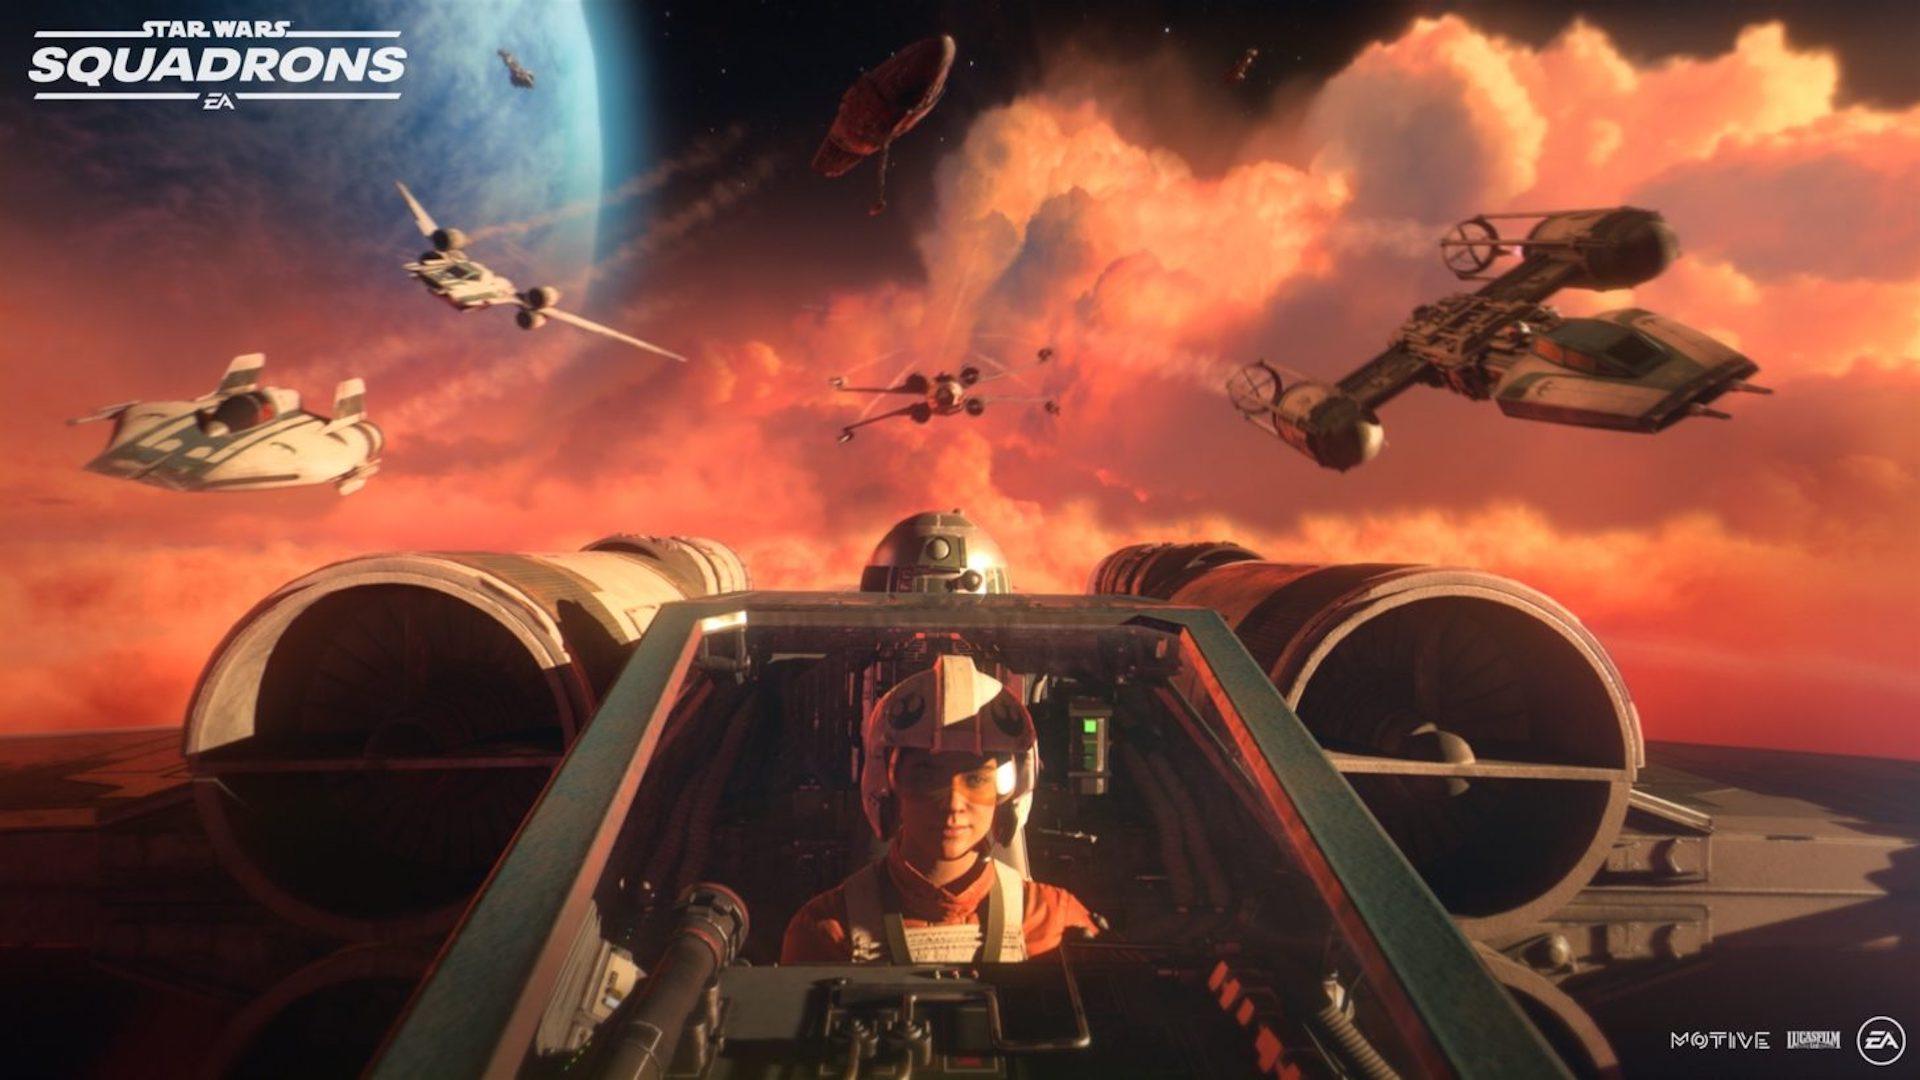 《星球大战:战机中队》将没有微交易 皮肤只能通过游玩解锁